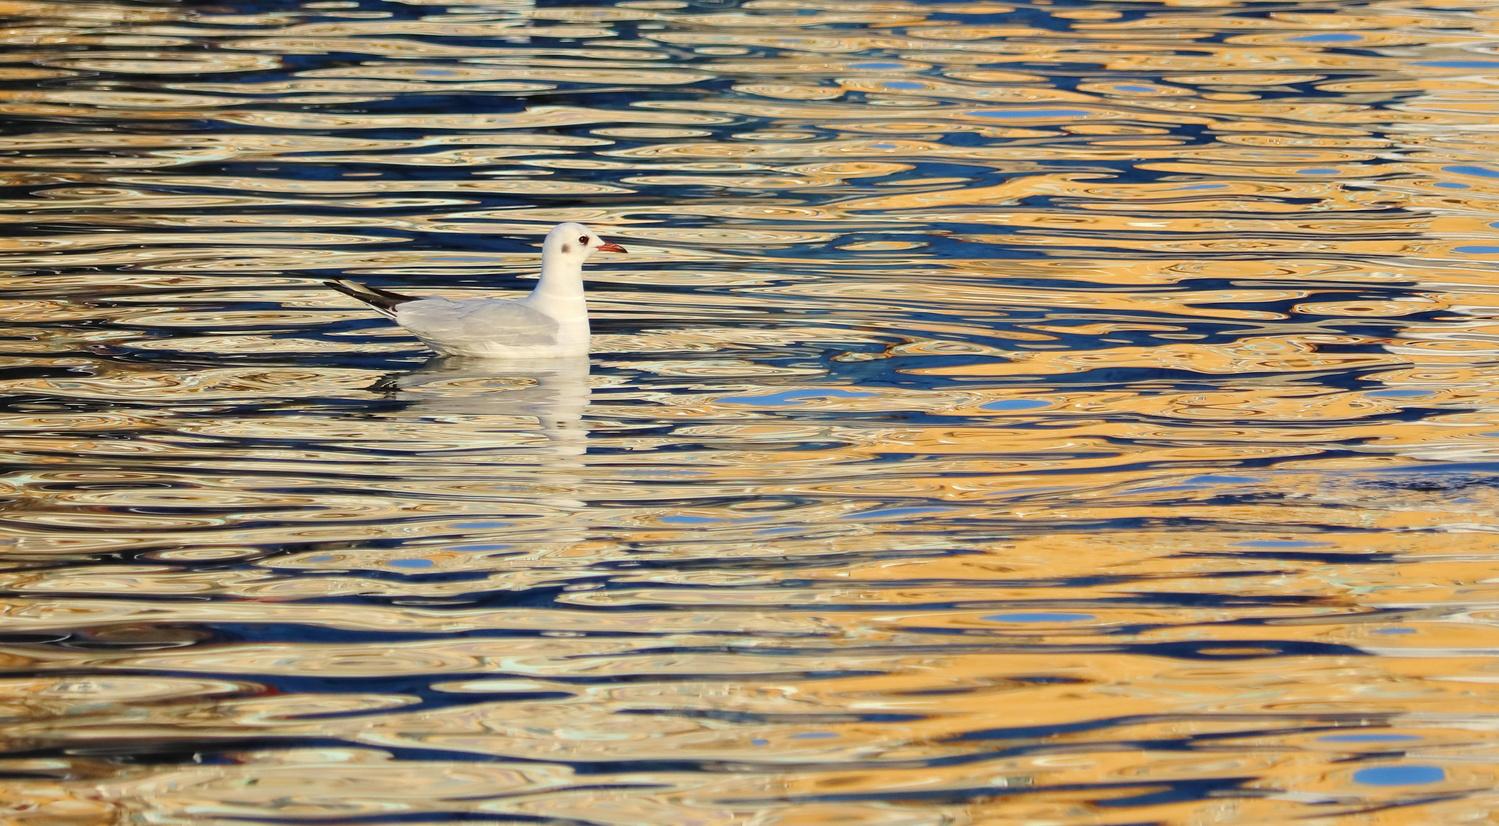 Gull by Alex Boros